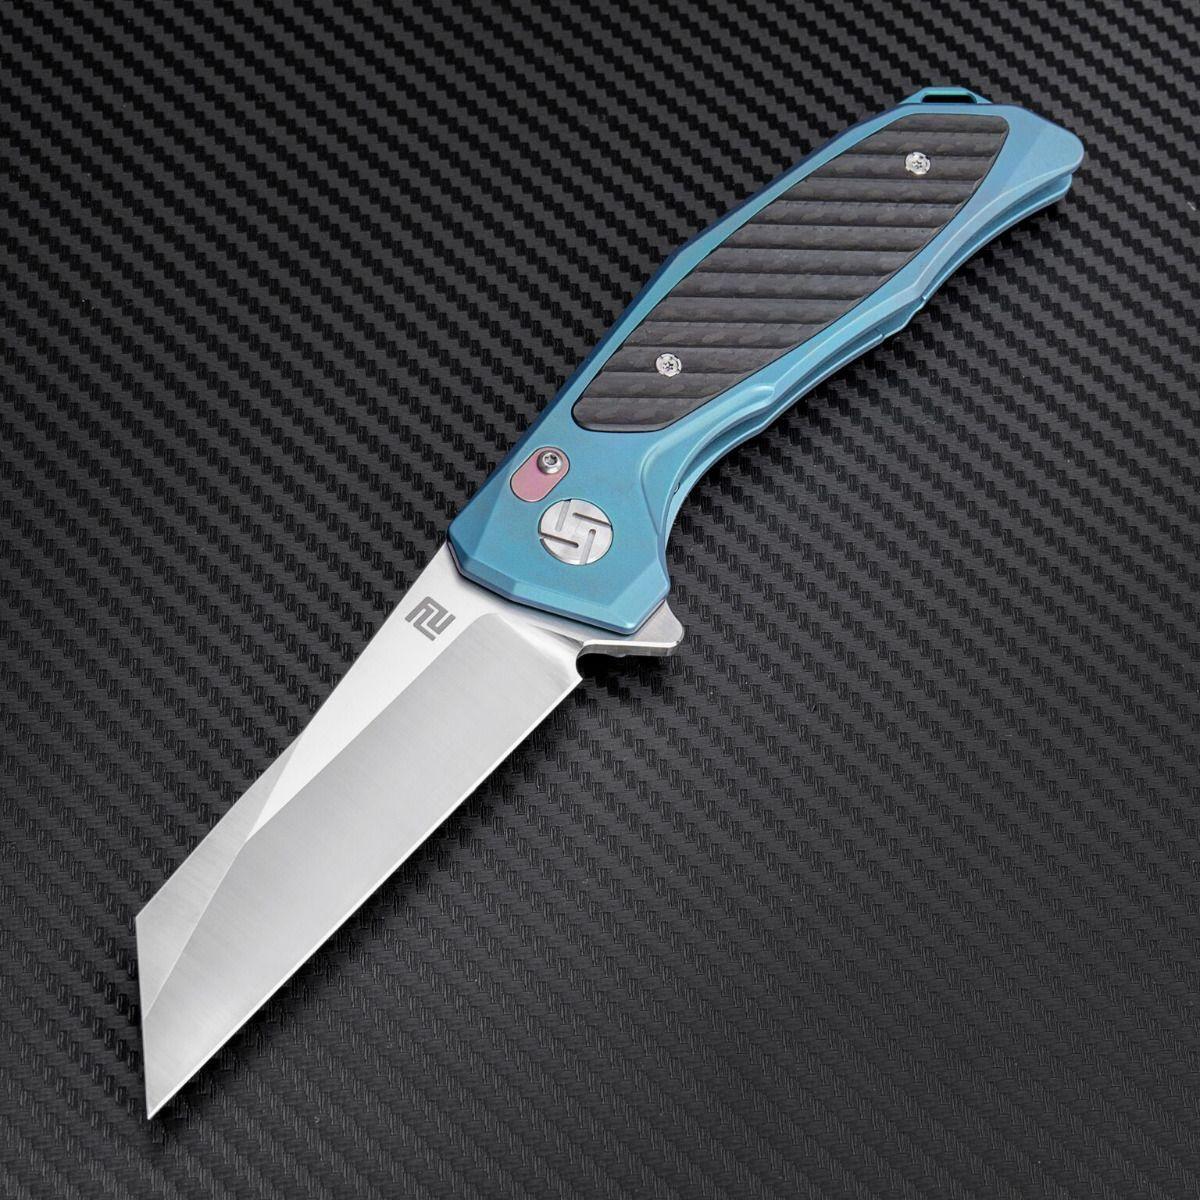 Atz 1809 gbus artisan Falcon s35vn Blade azul Cochebon fiber Titanium handle framelo